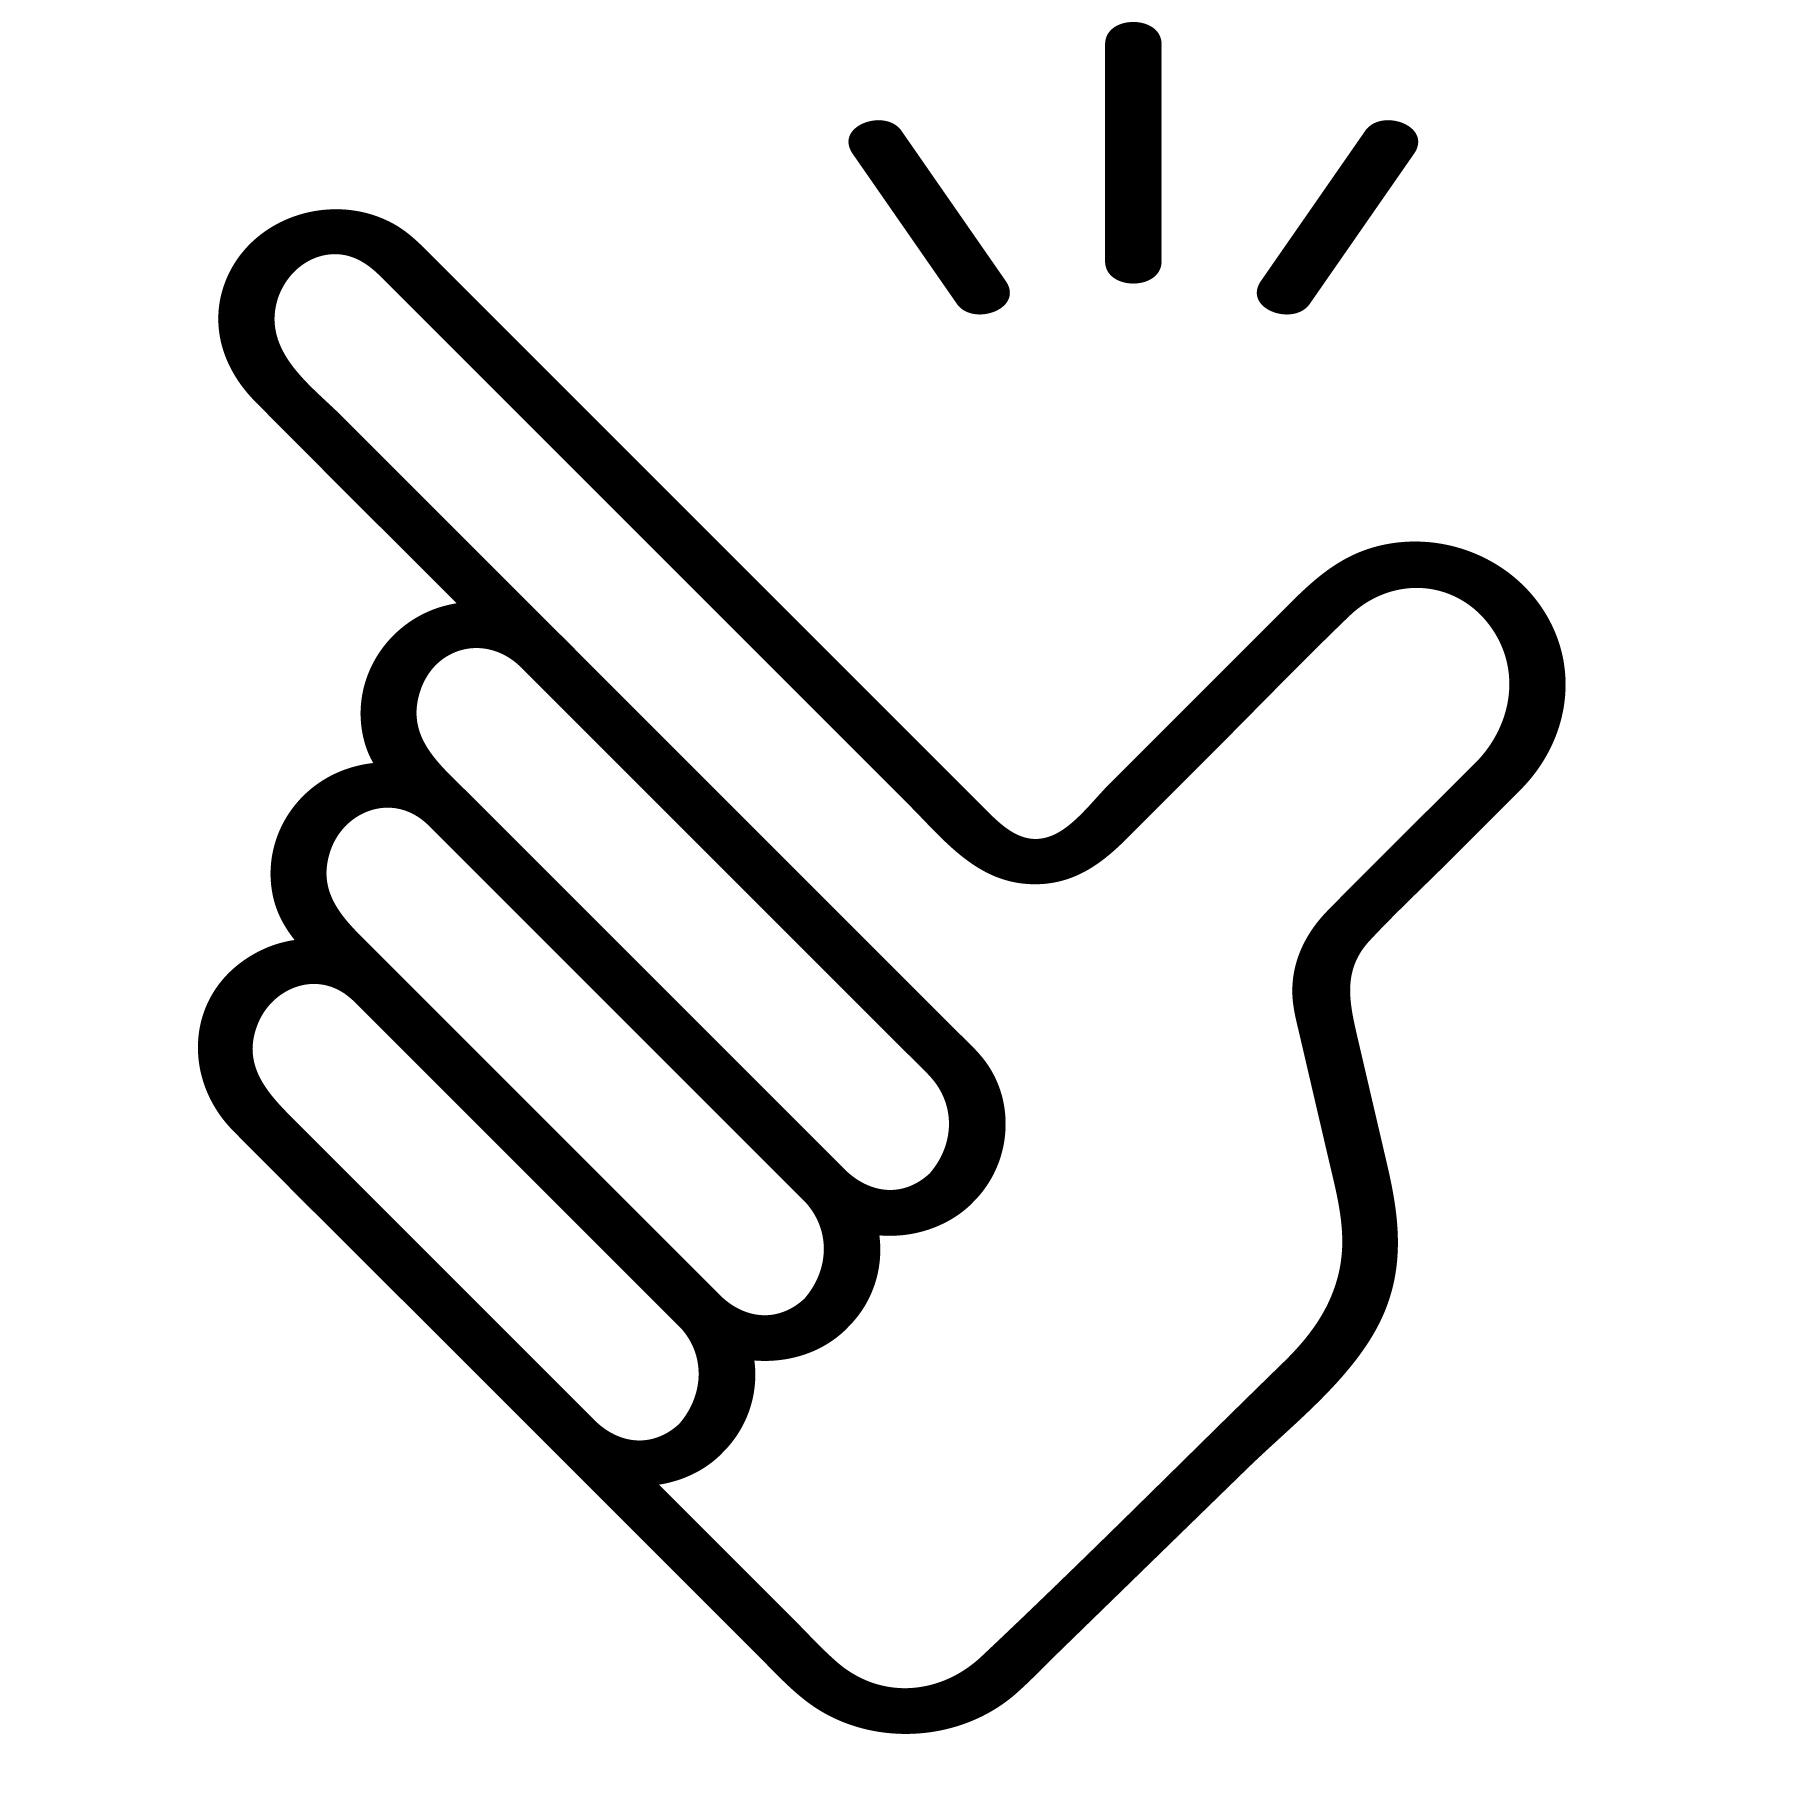 finger snap vector - Download Free Vectors, Clipart ...